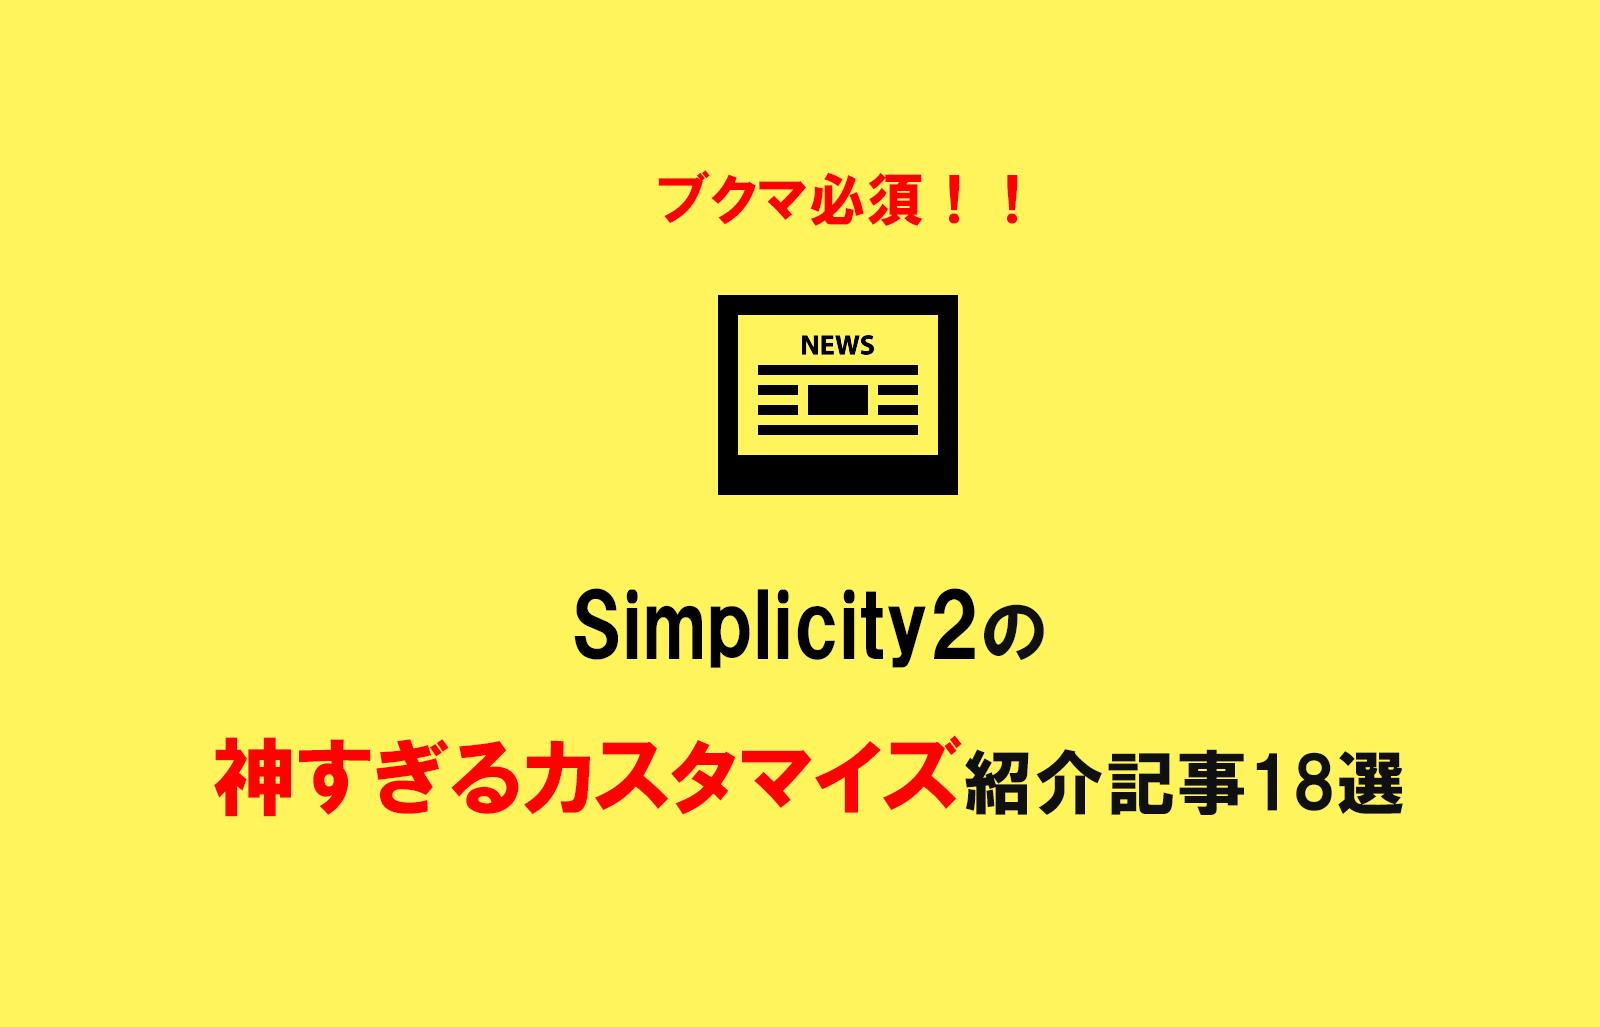 【ブクマ必須】Simplicity2の神すぎるカスタマイズご紹介記事18選